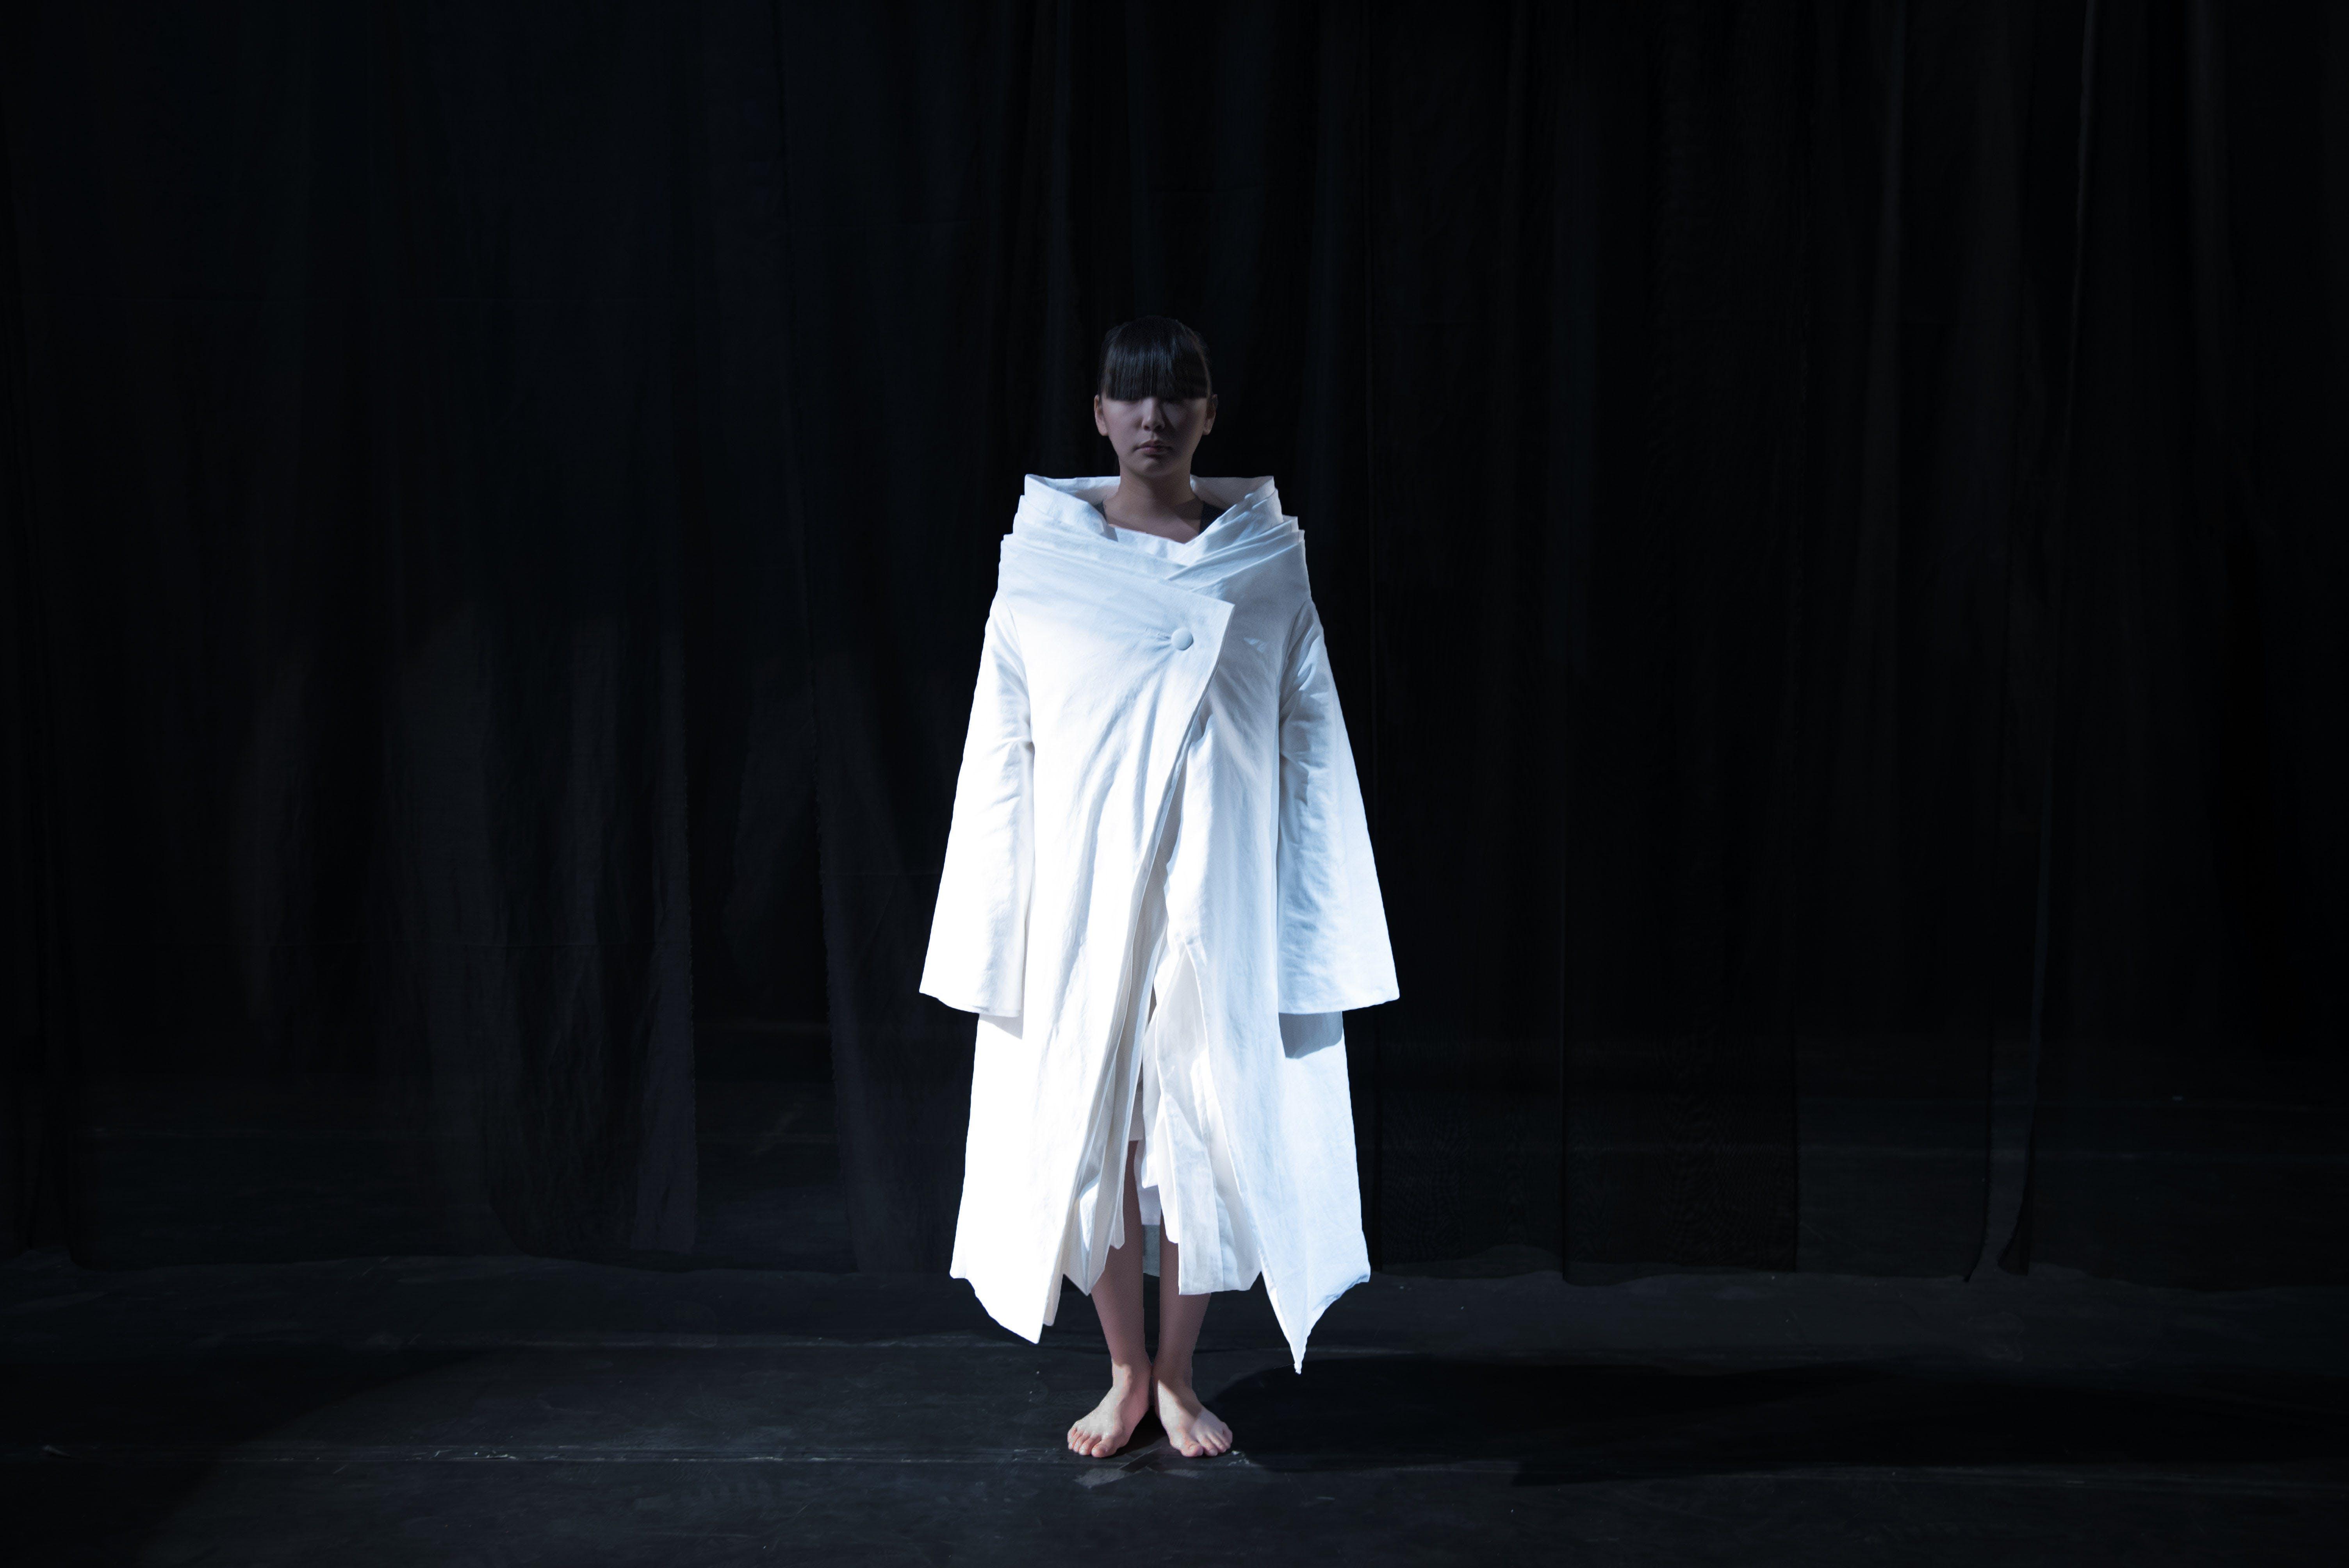 一反木綿 / A roll of cloth